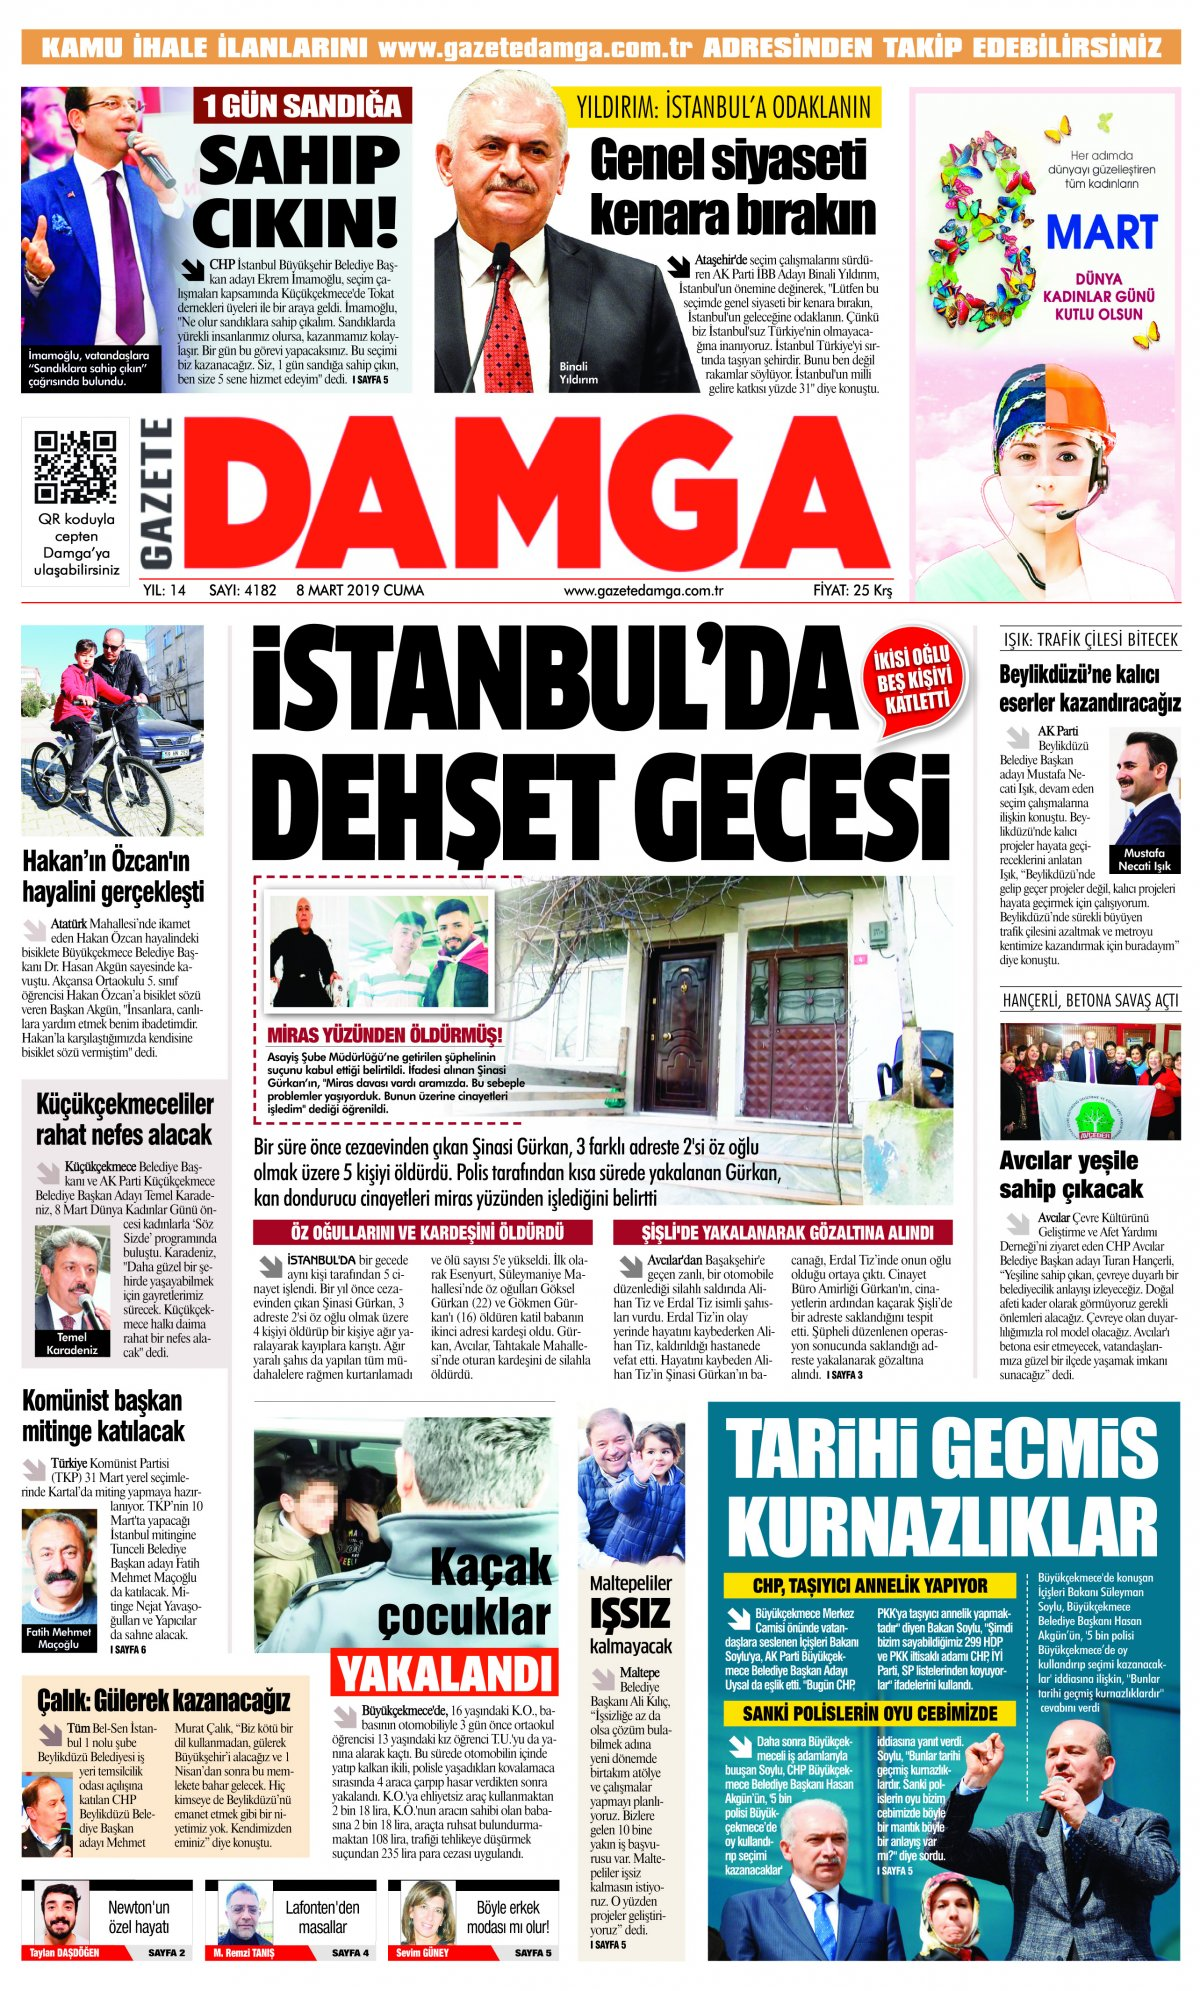 Gazete Damga - 08.03.2019 Sayfaları